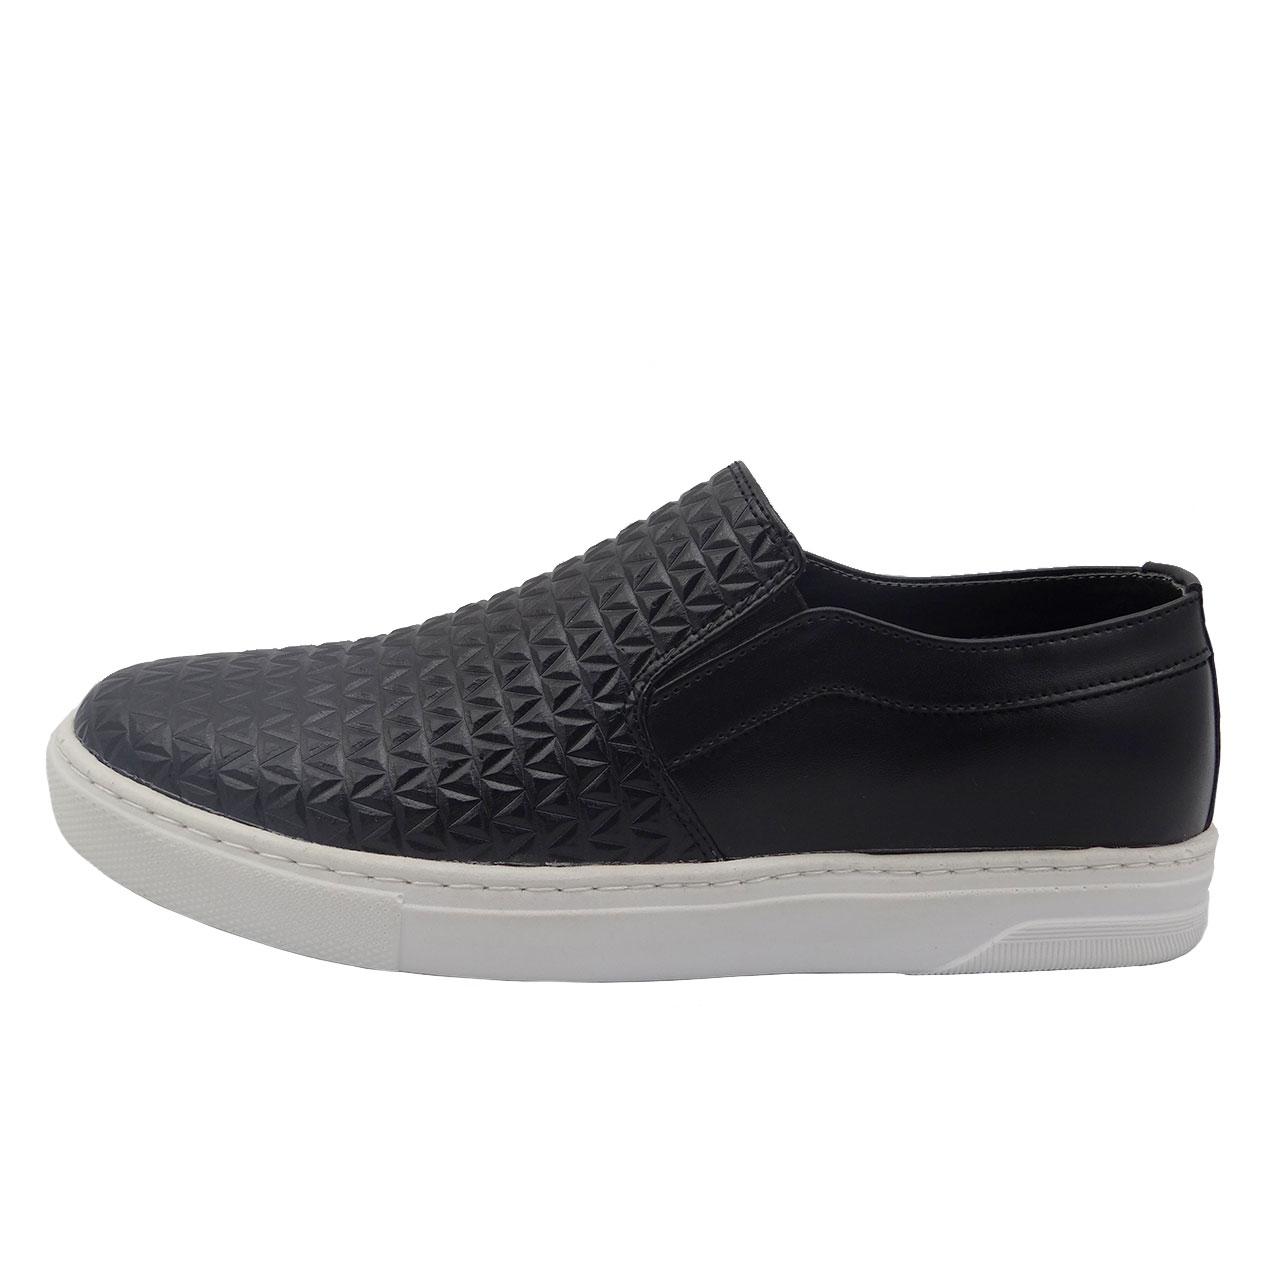 قیمت کفش چرمی مردانه مدل کروکو کد A1